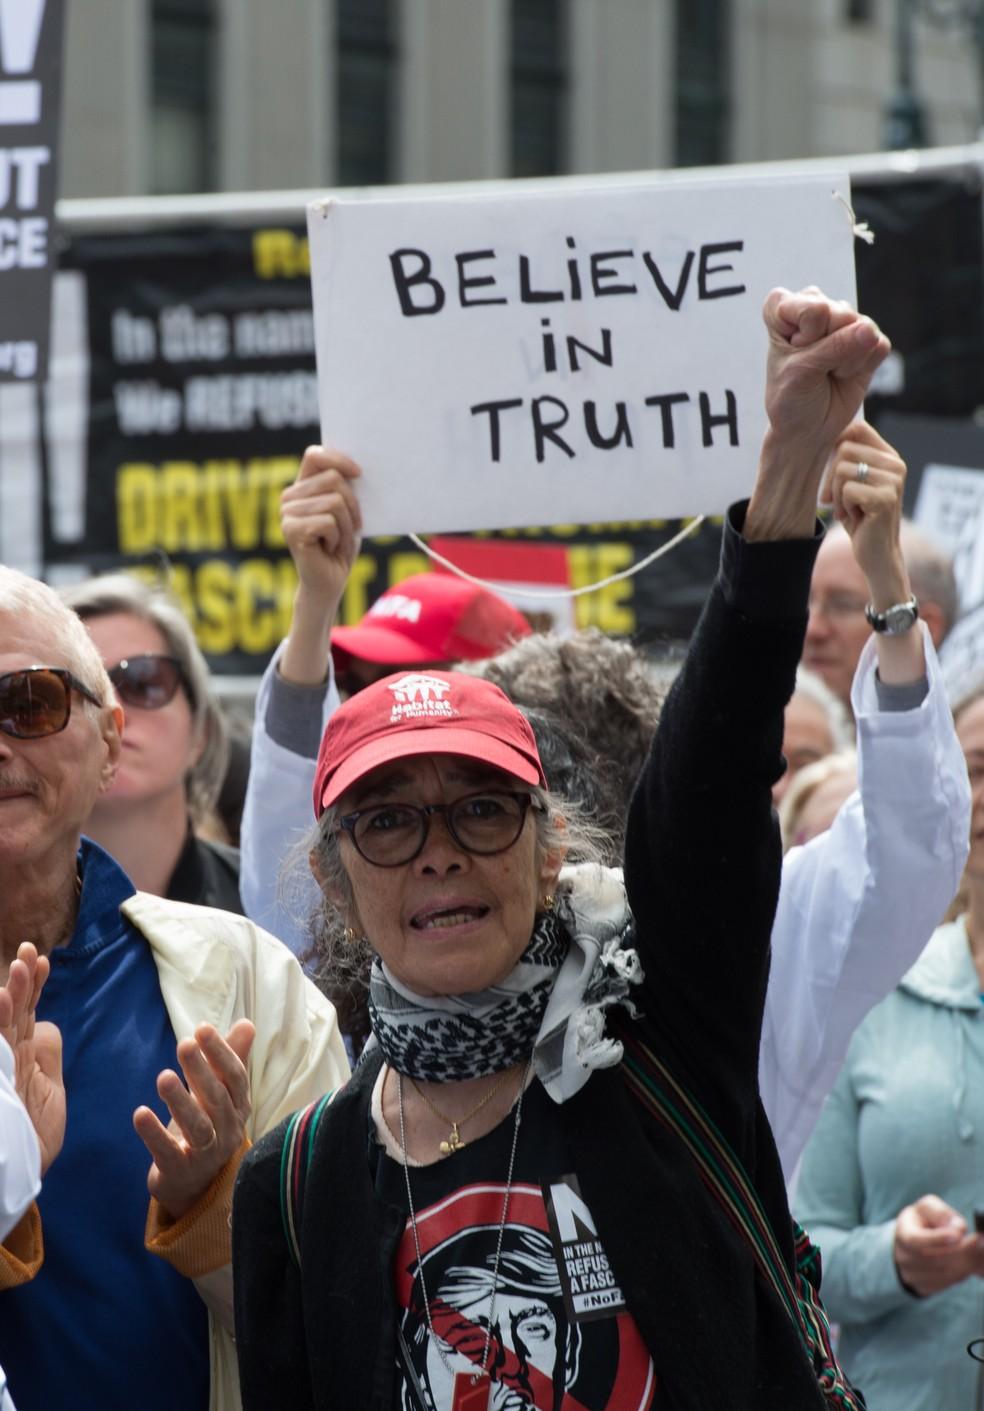 Manifestantes exigem investigação sobre ligação de Trump com a Rússia em Nova York, neste sábado (03) (Foto: Bryan R. Smith/AFP)